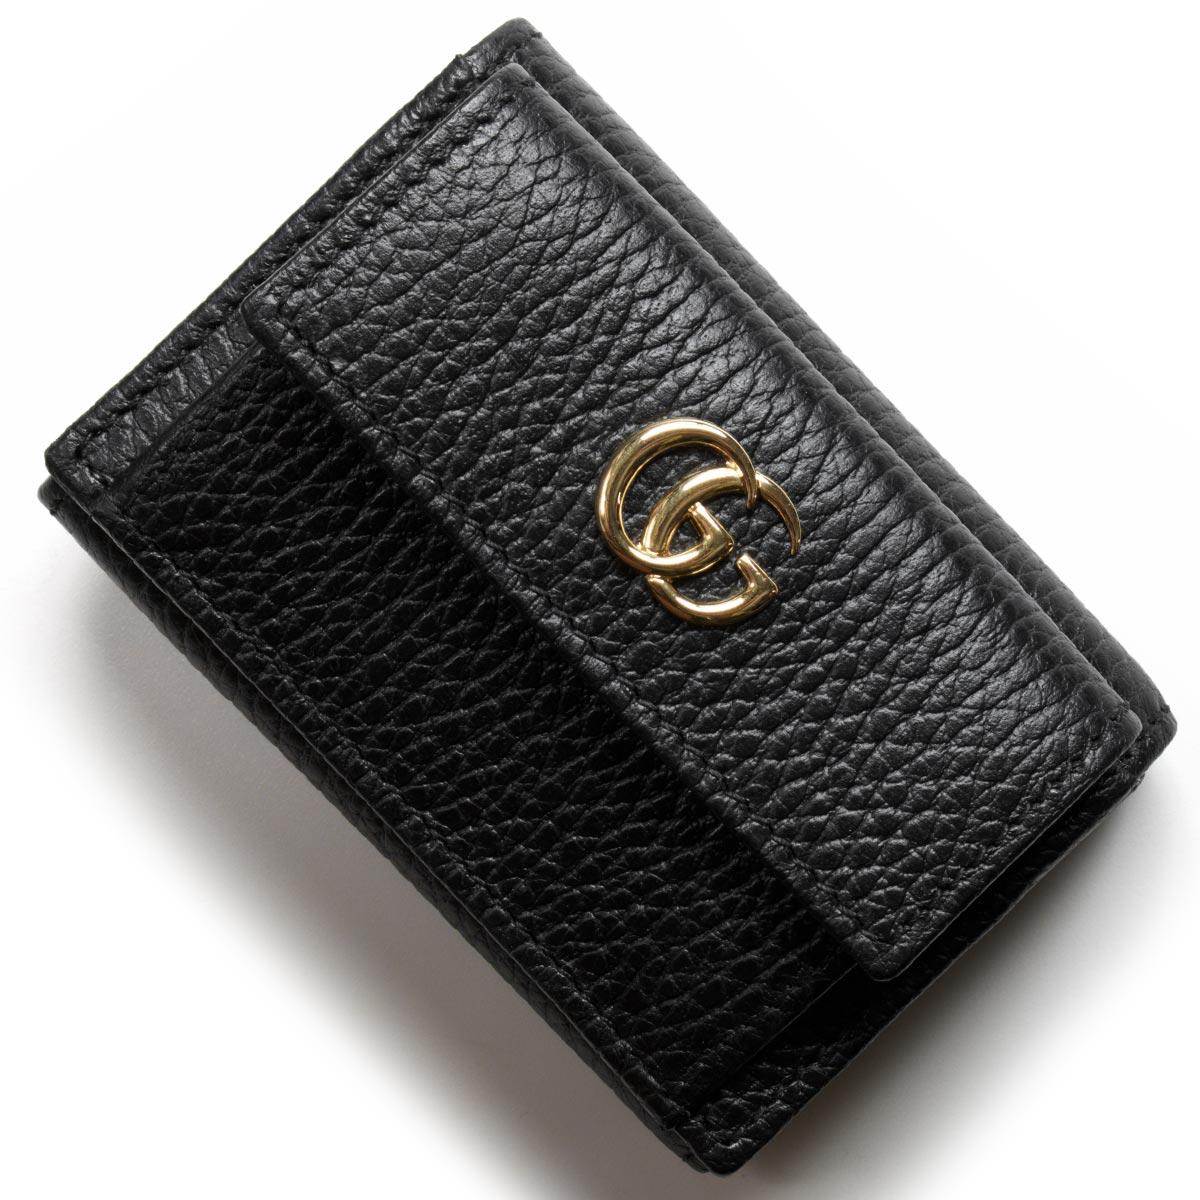 グッチ 三つ折り財布/ミニ財布 財布 レディース プチGGマーモント ブラック 523277 CAO0G 1000 GUCCI